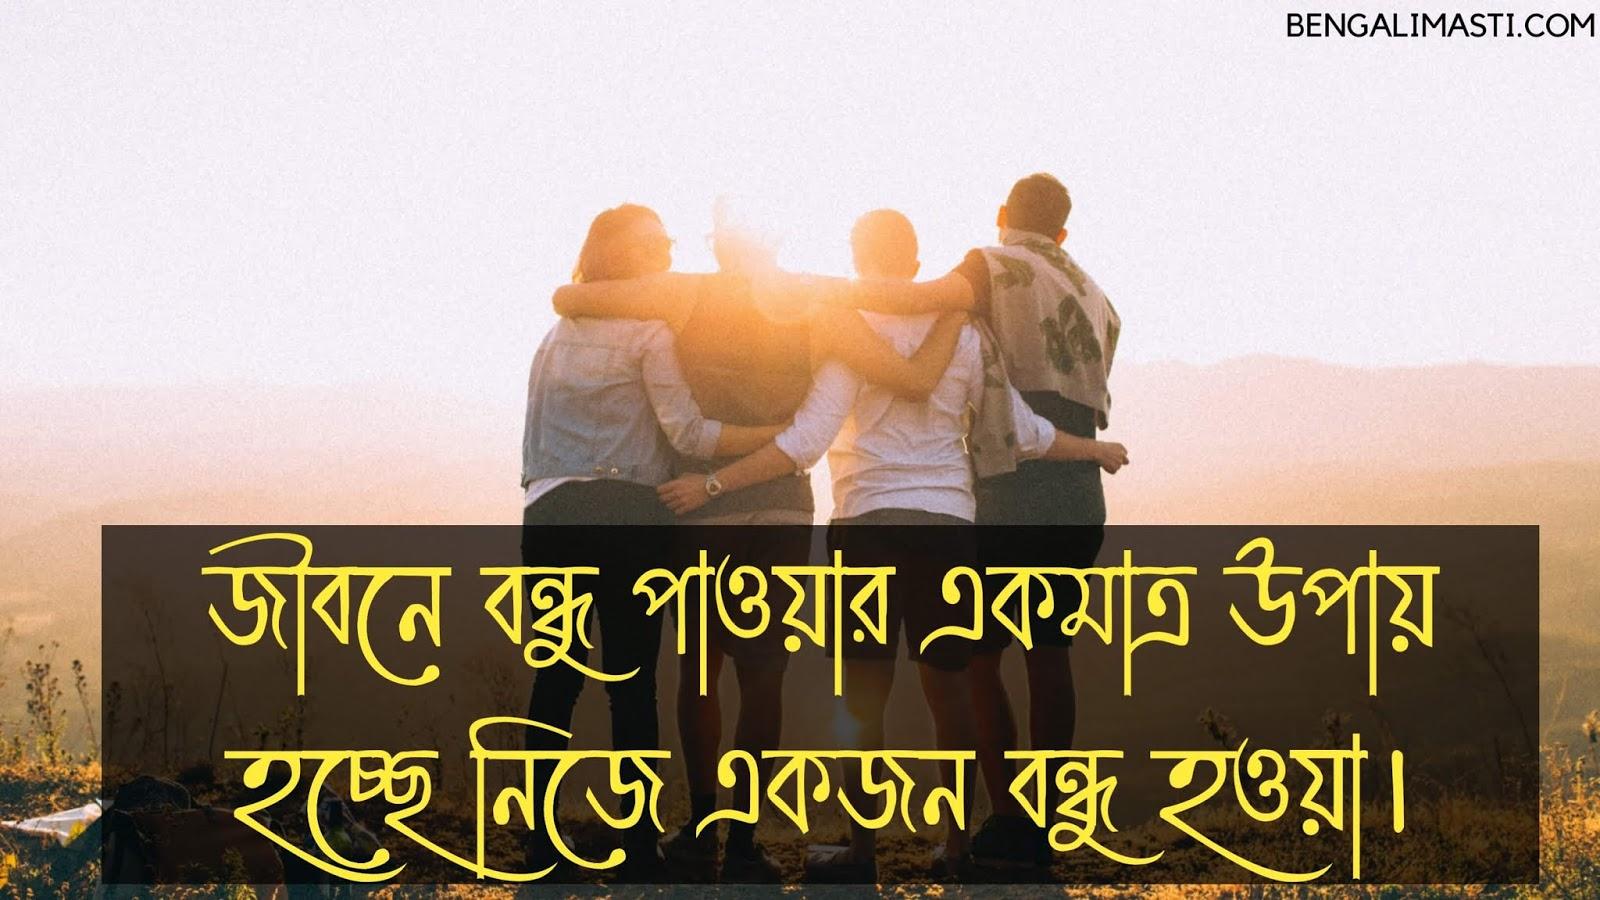 friendship poem in bengali